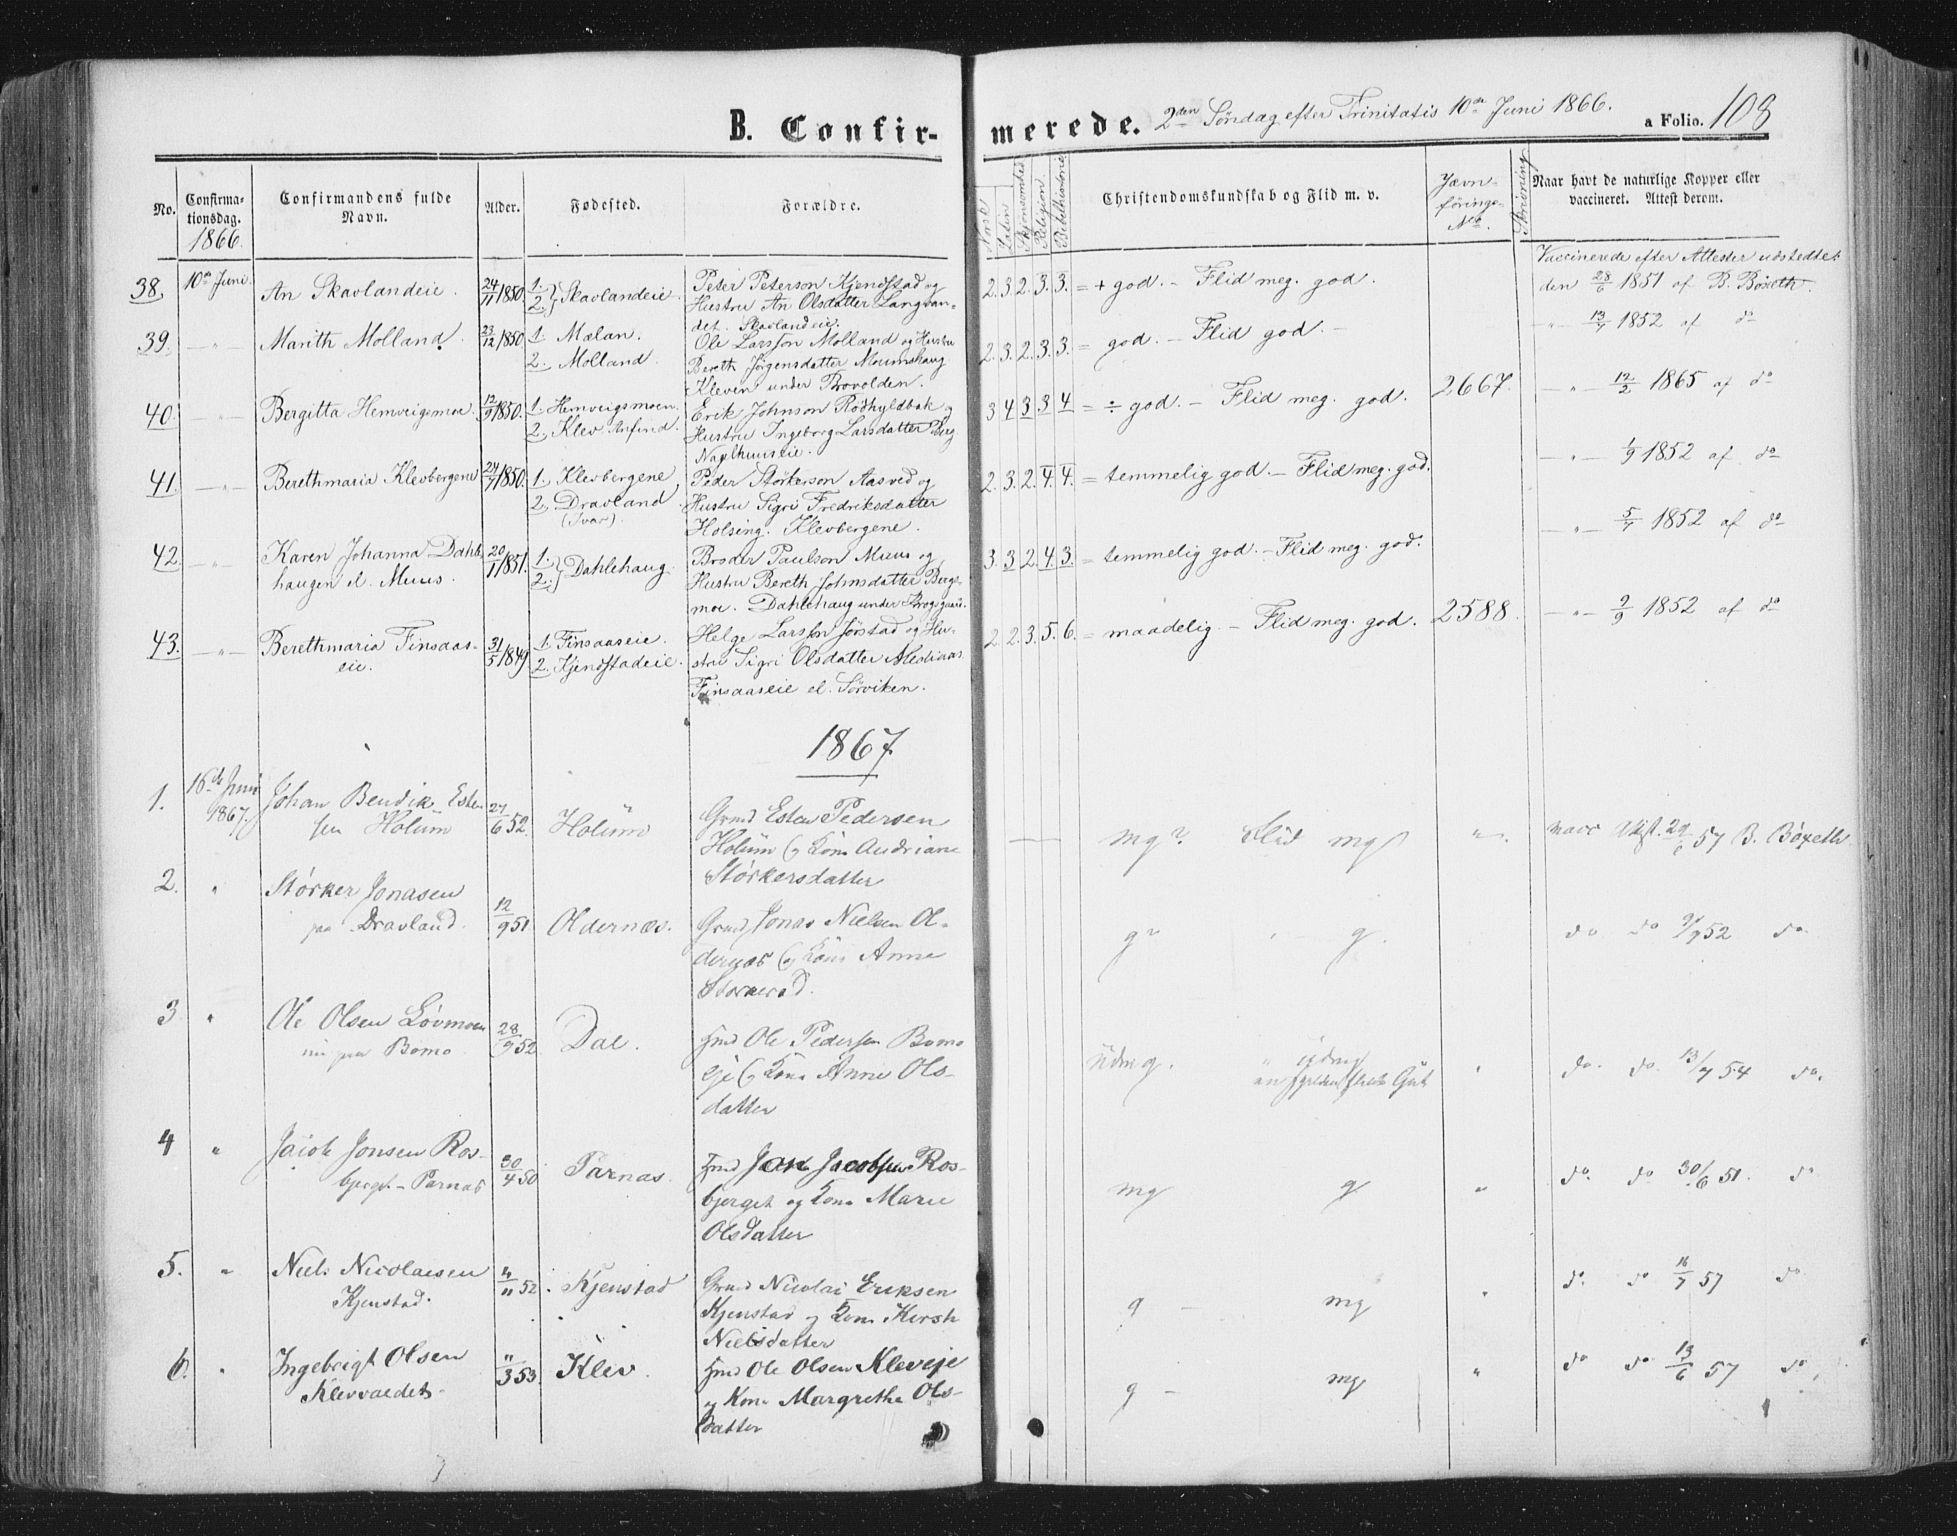 SAT, Ministerialprotokoller, klokkerbøker og fødselsregistre - Nord-Trøndelag, 749/L0472: Ministerialbok nr. 749A06, 1857-1873, s. 108